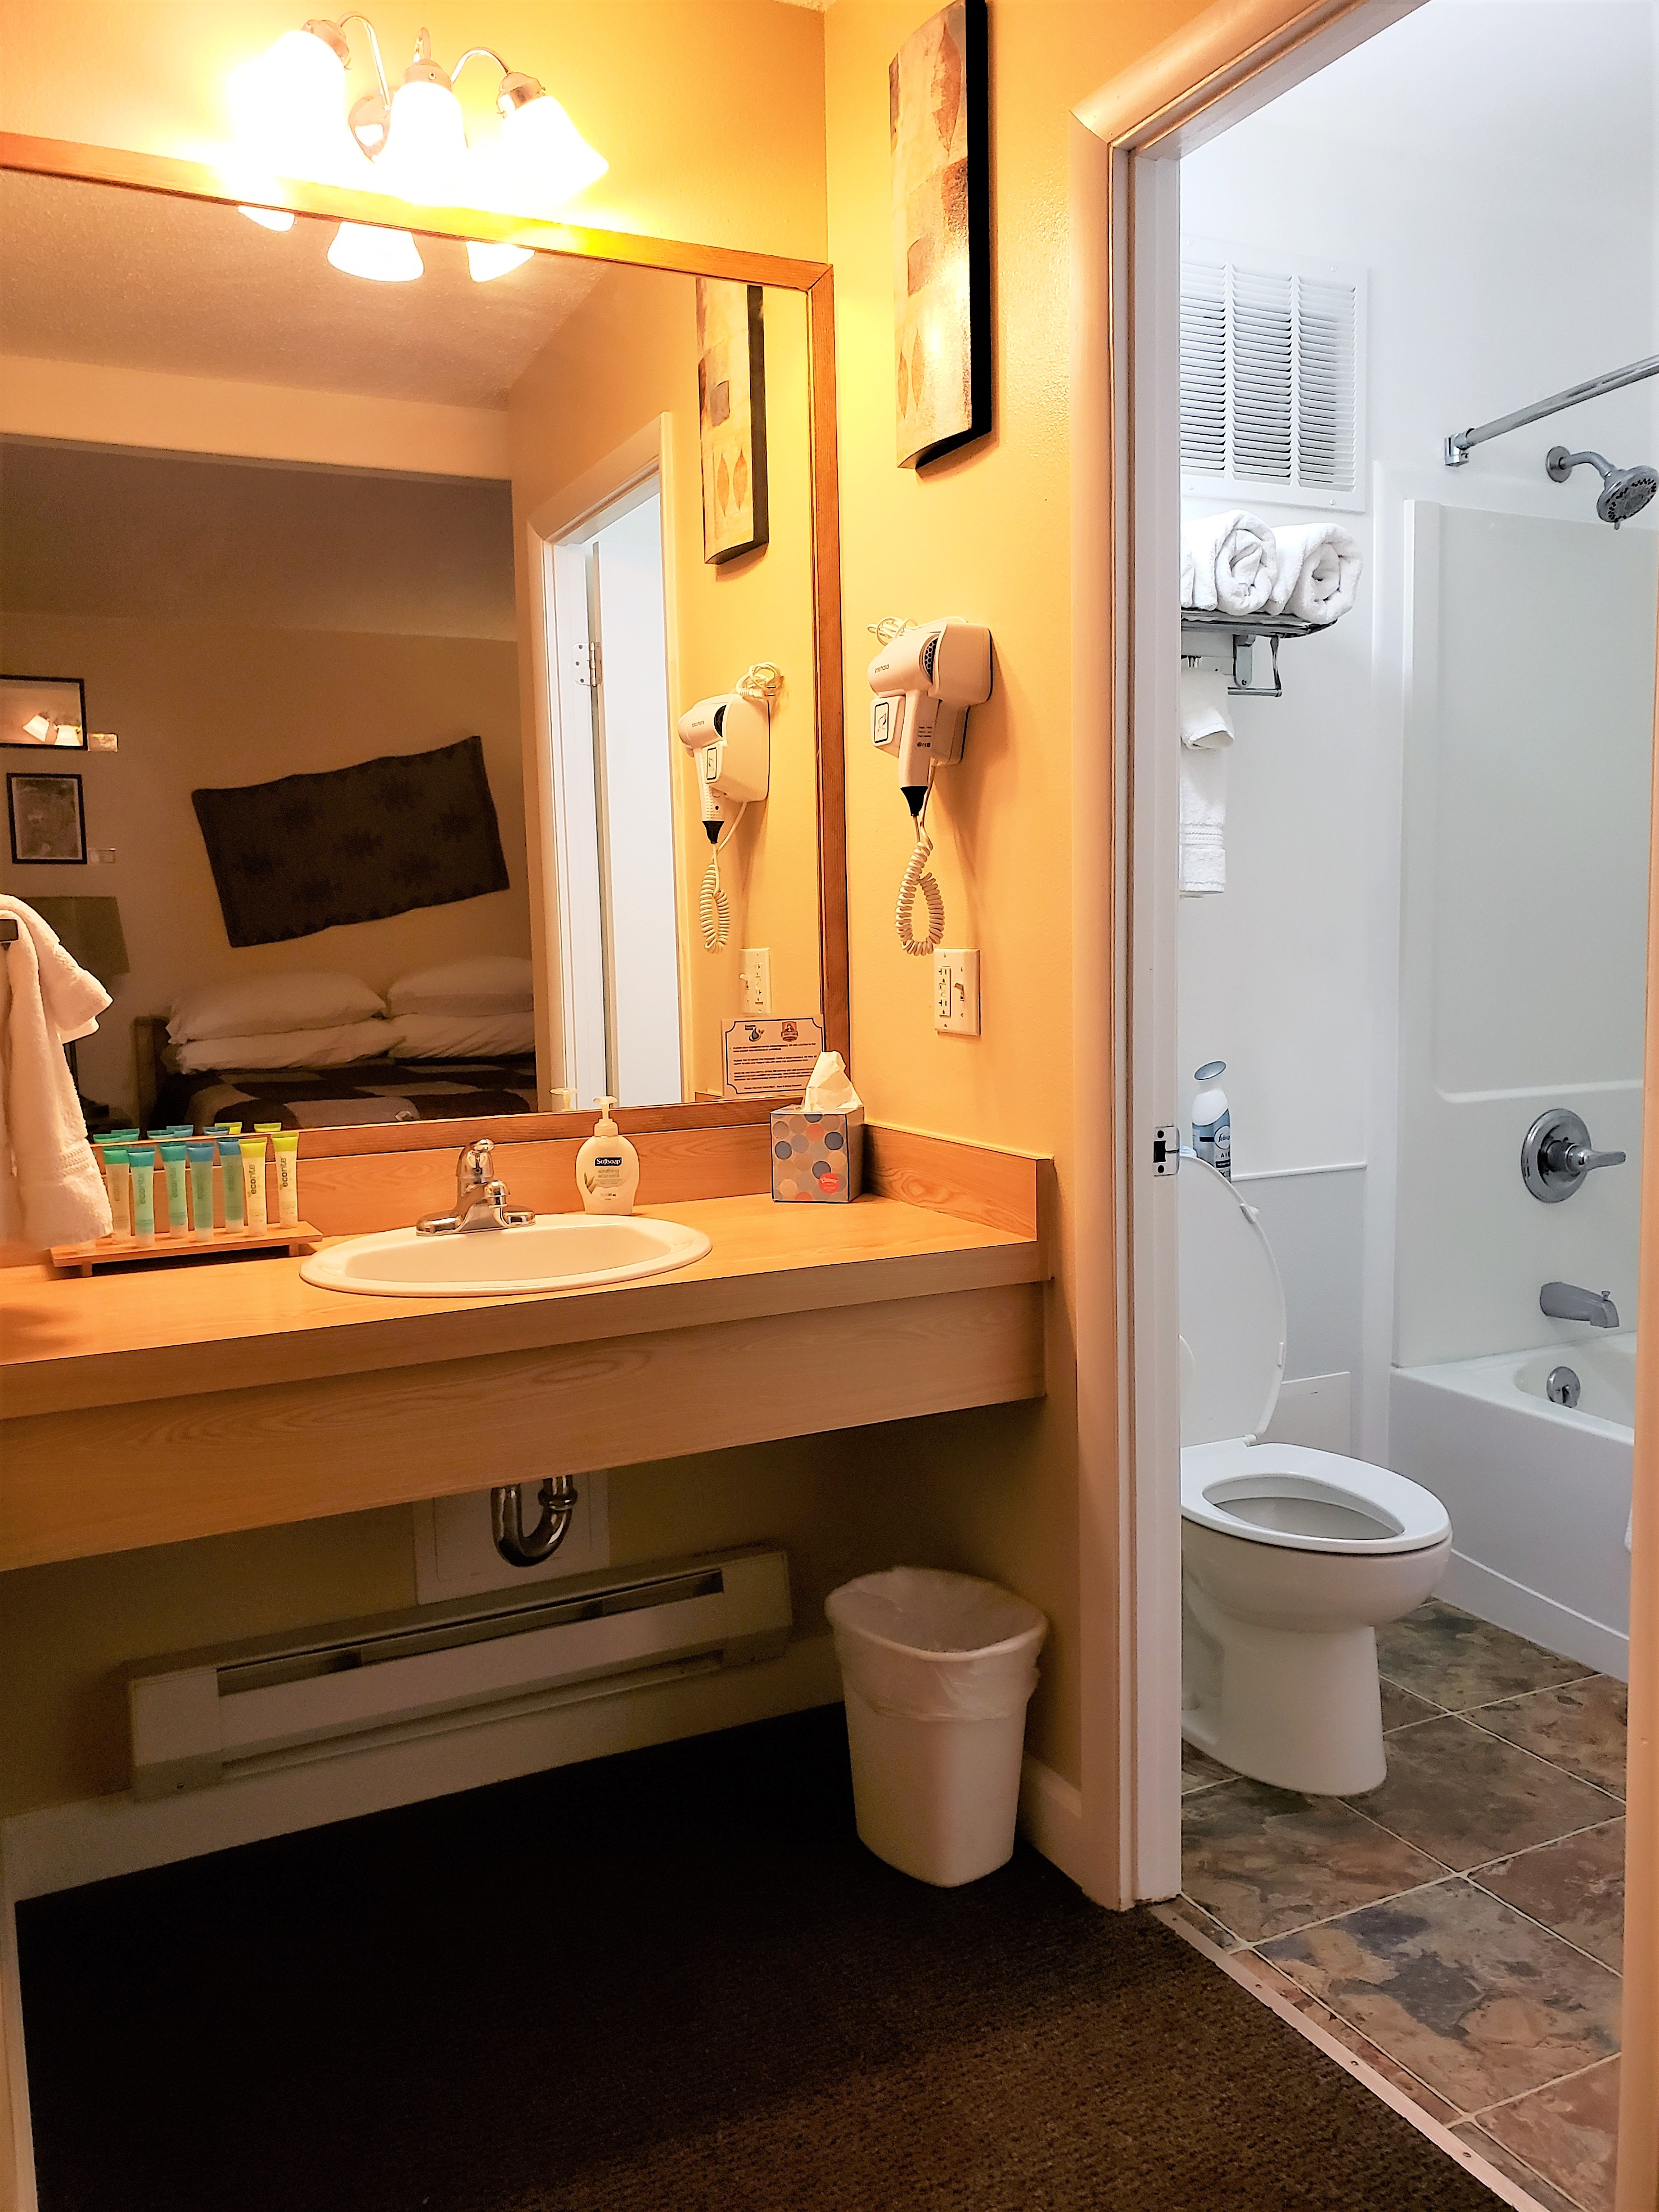 Prickly Pear Adobe Cabin bathroom sink